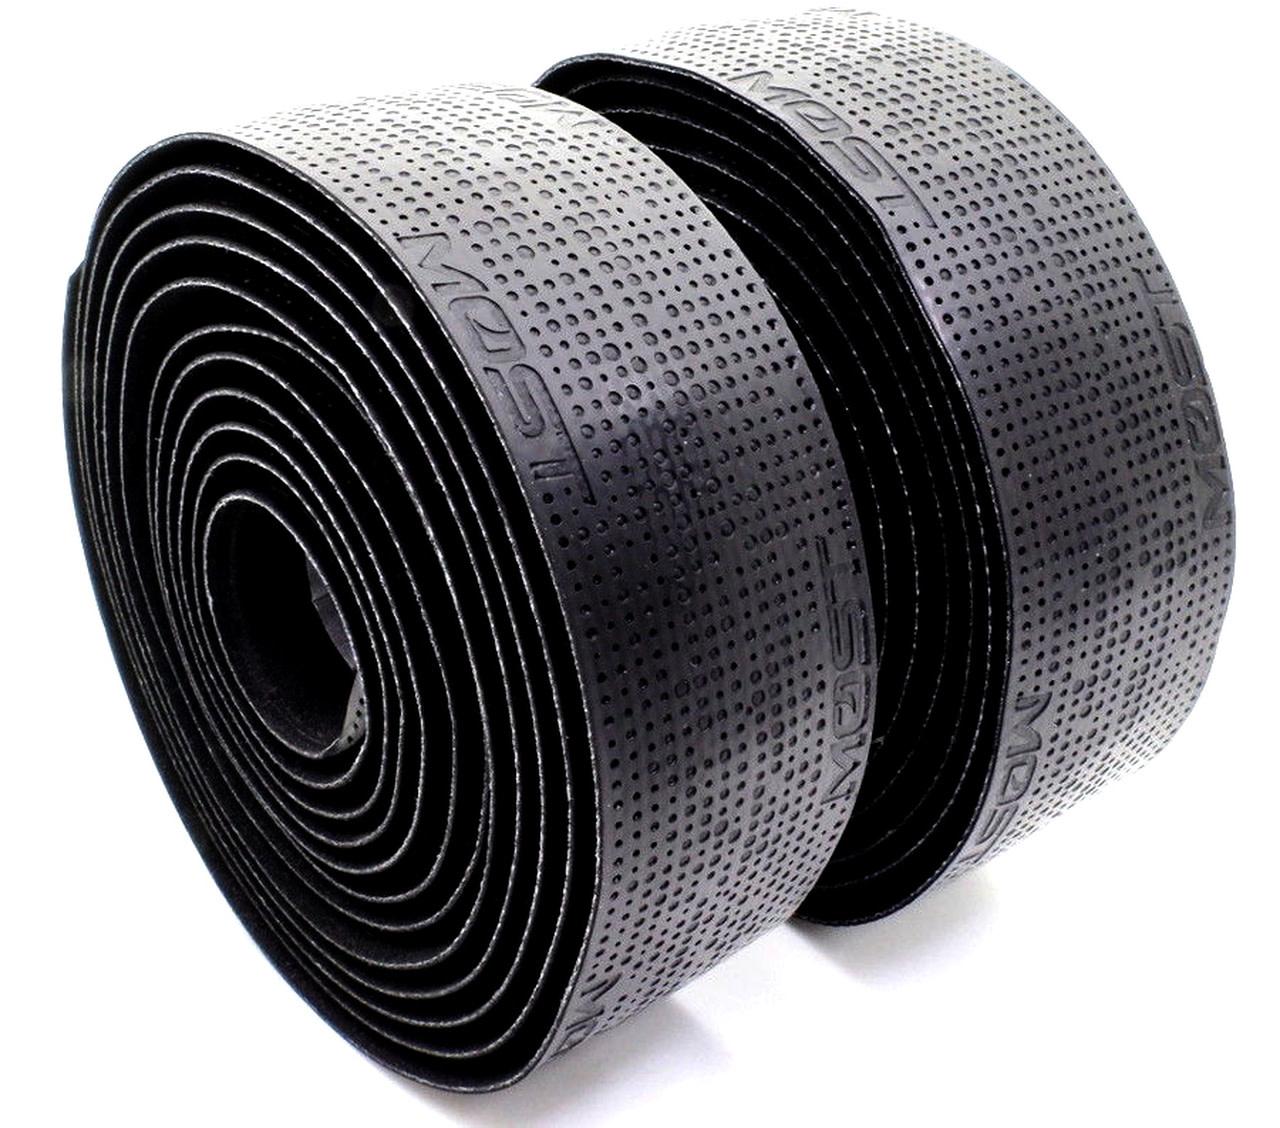 MOST Ultra Grip Evo  Plain Black - 3mm